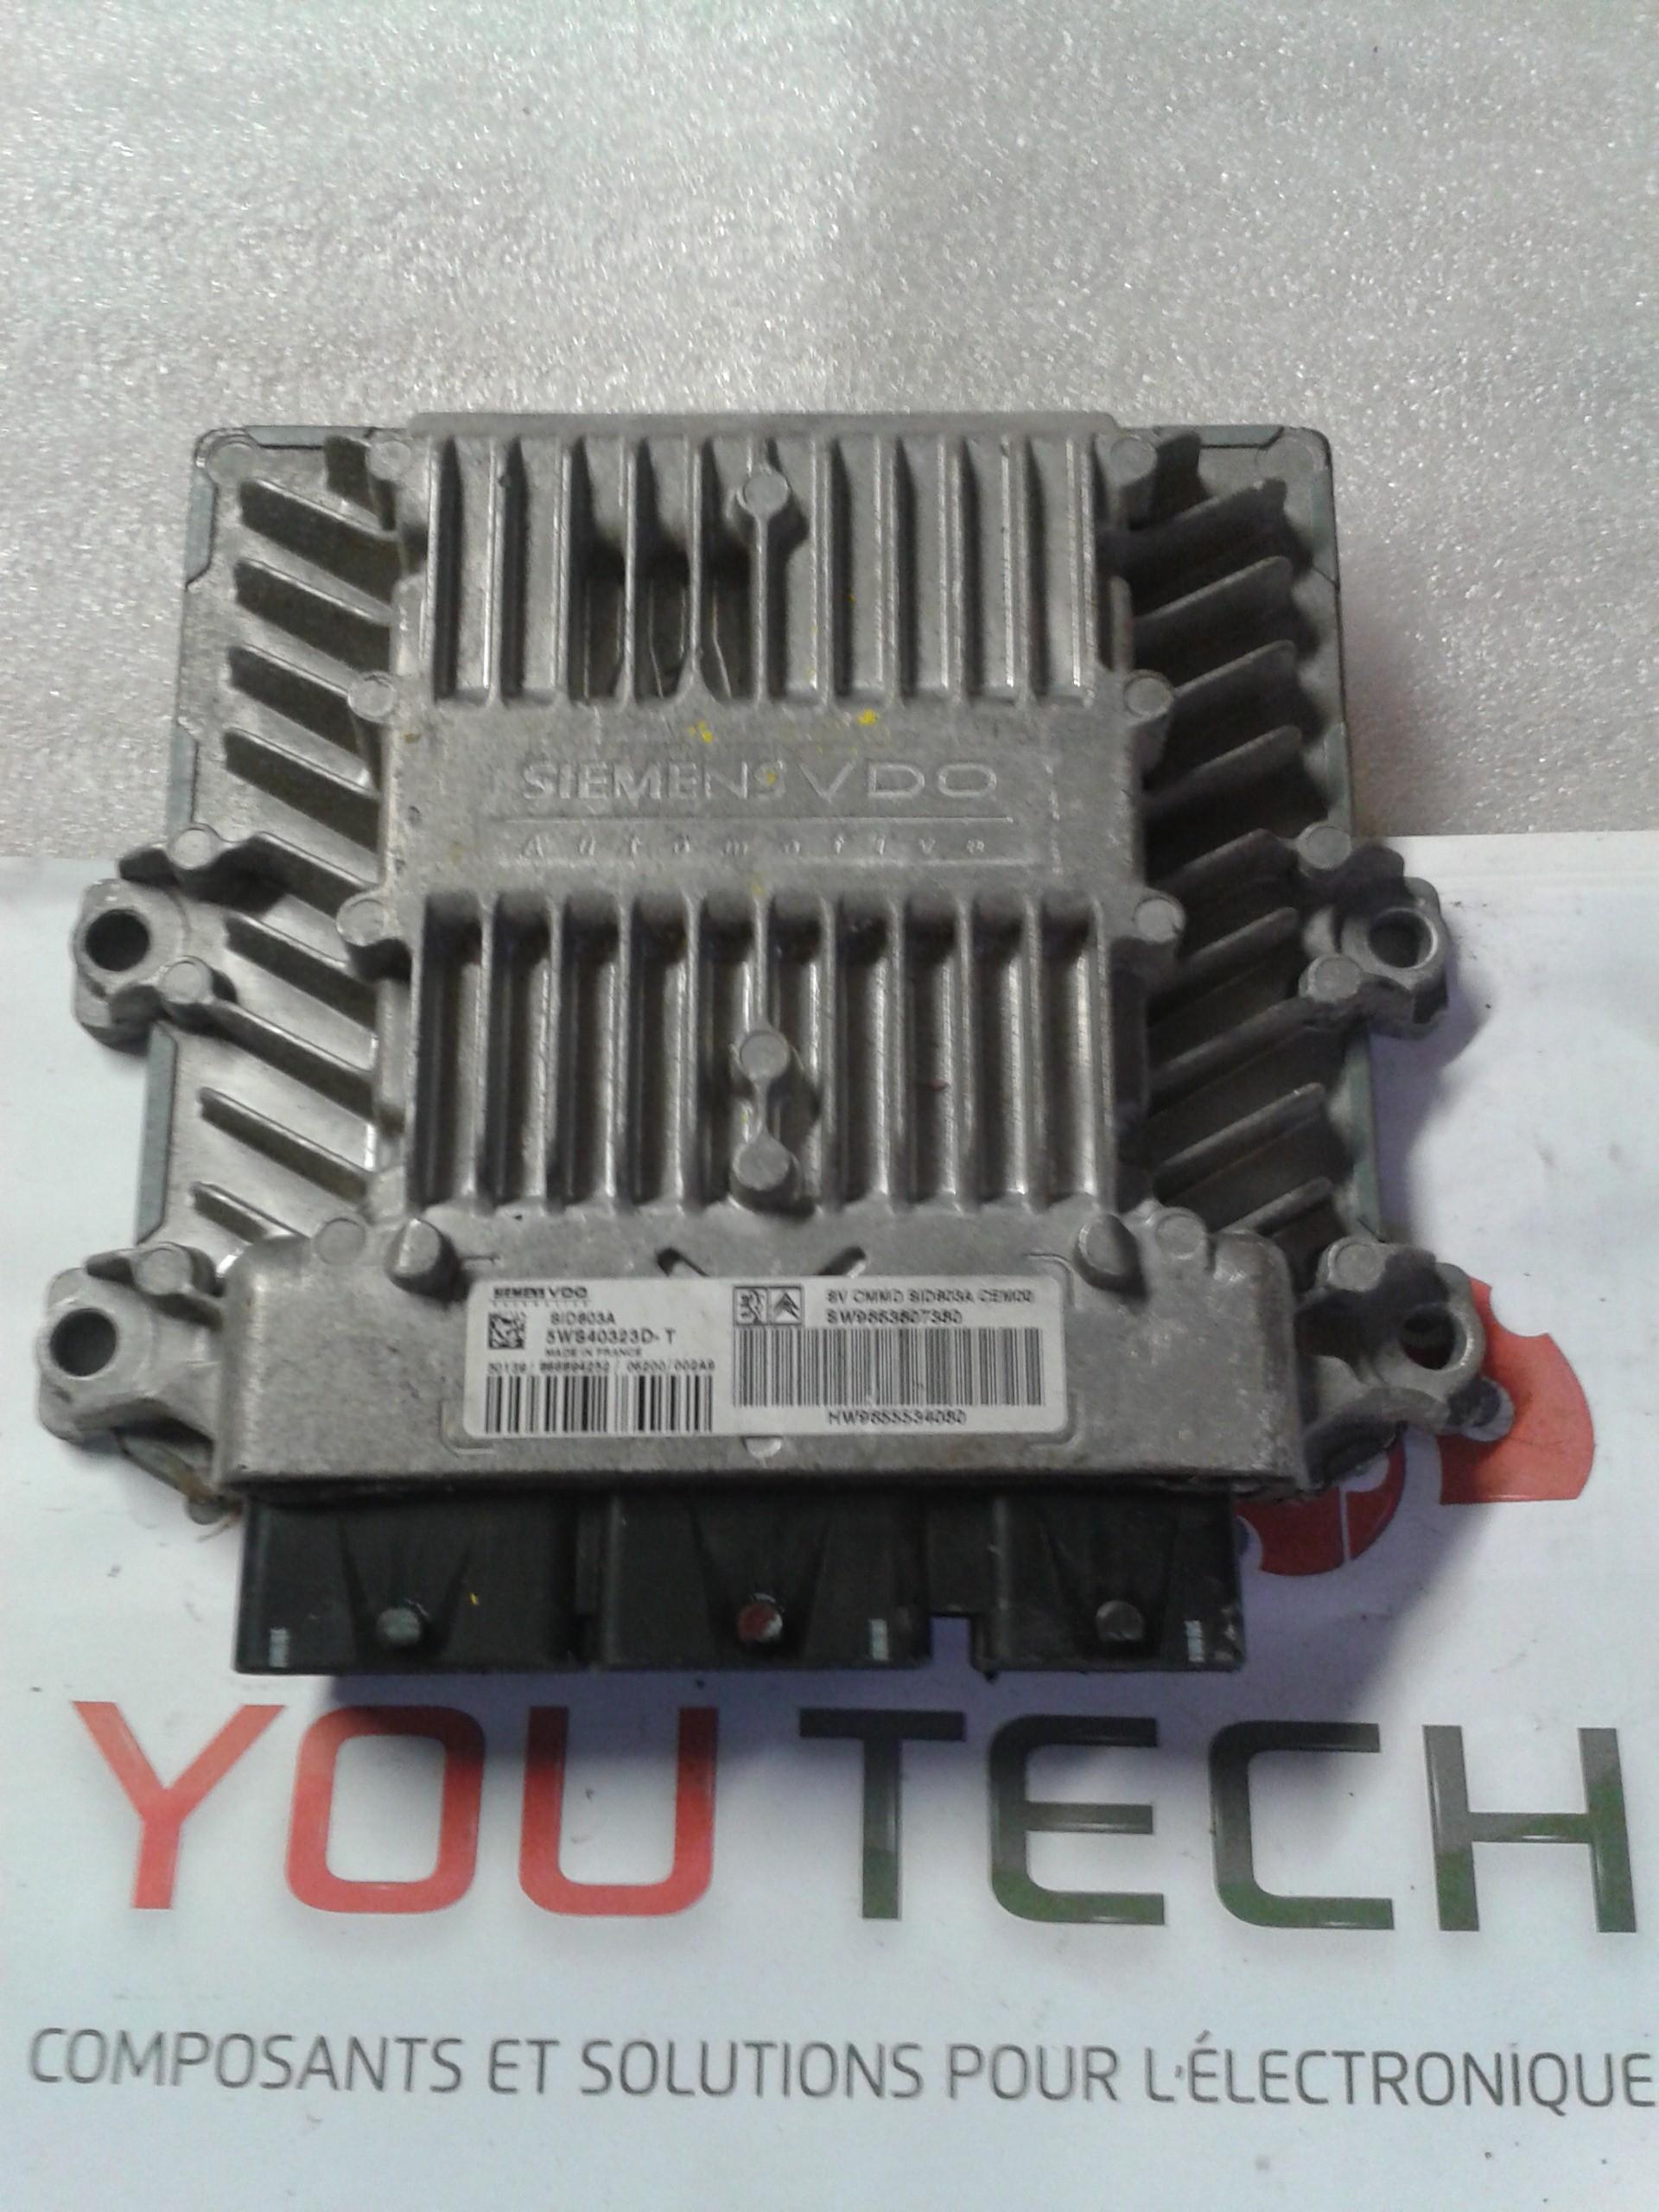 Siemens VDO 5WS40323D-T